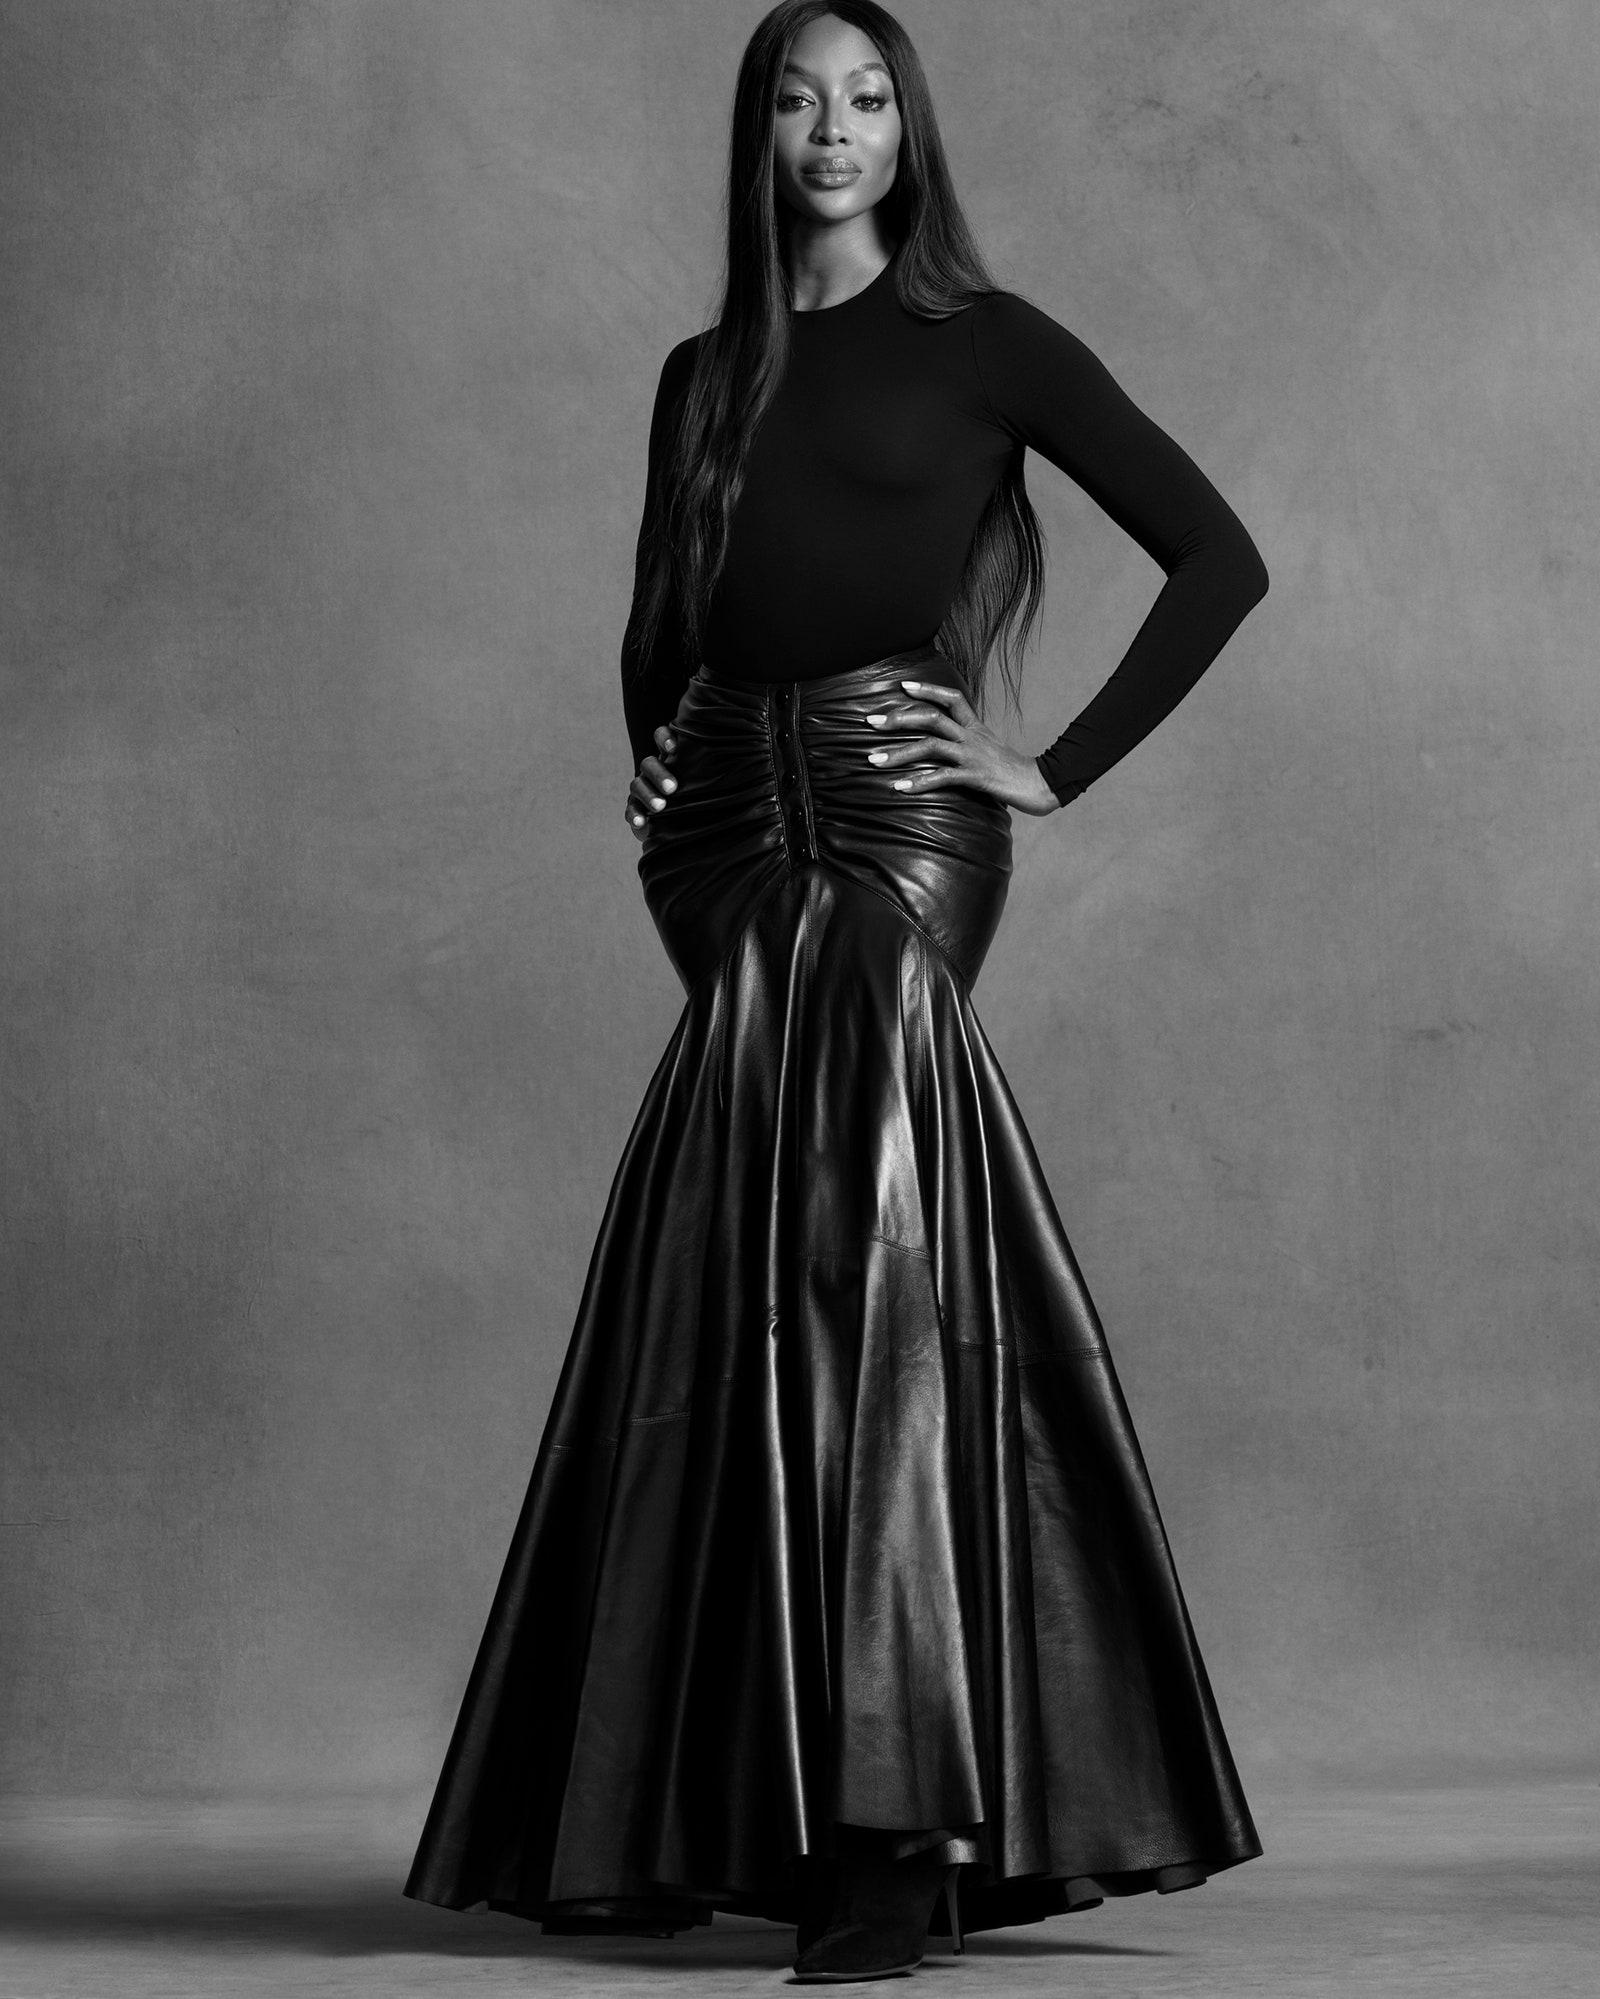 Наоми Кэмпбелл снялась для нового выпуска Vogue, который посвящен протестам в США (ФОТО) - фото №6